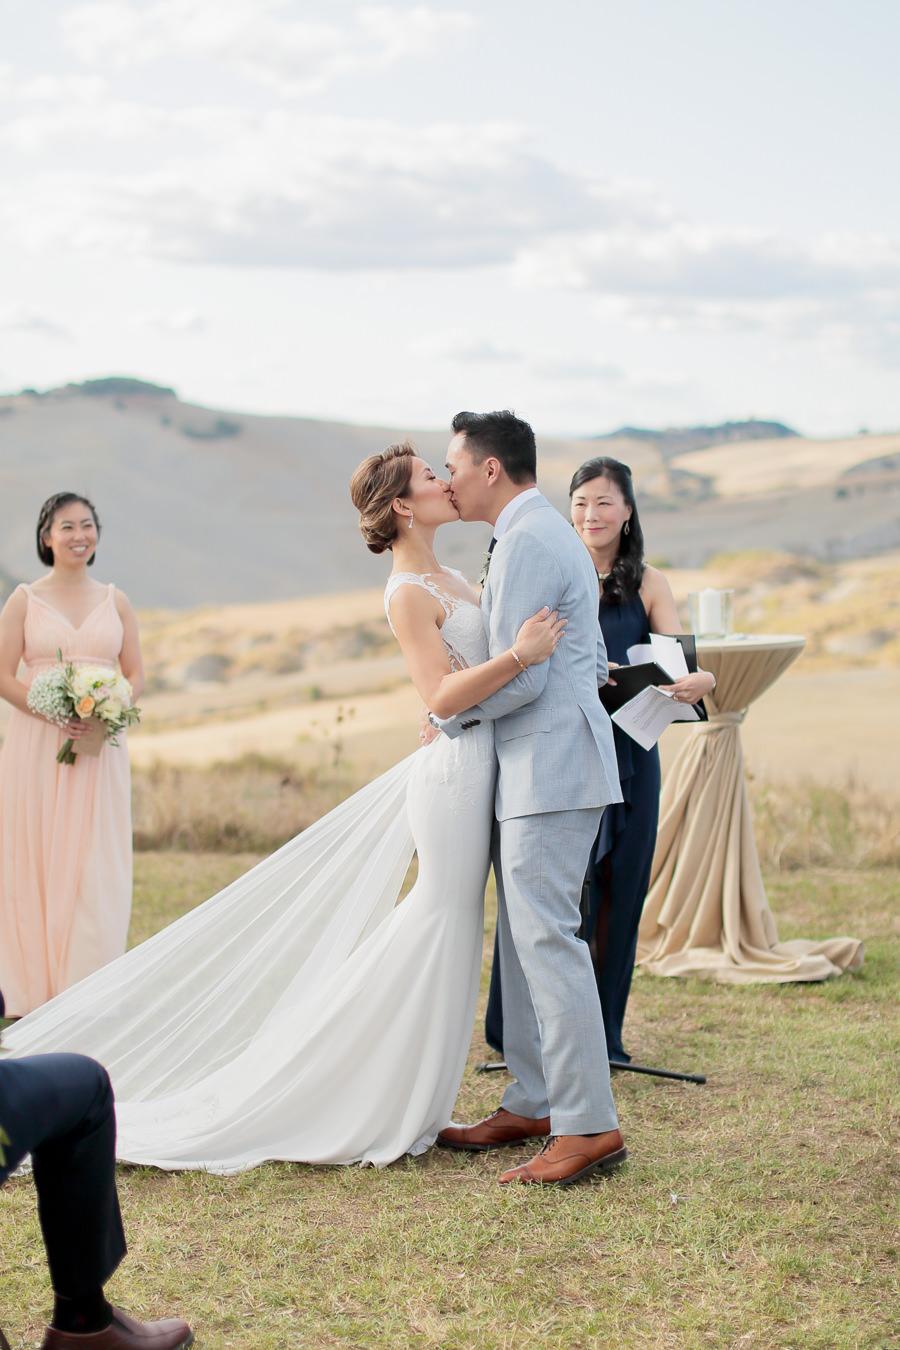 Rustic-Chic Destination Wedding in Tuscany – facibeni fotografia-145